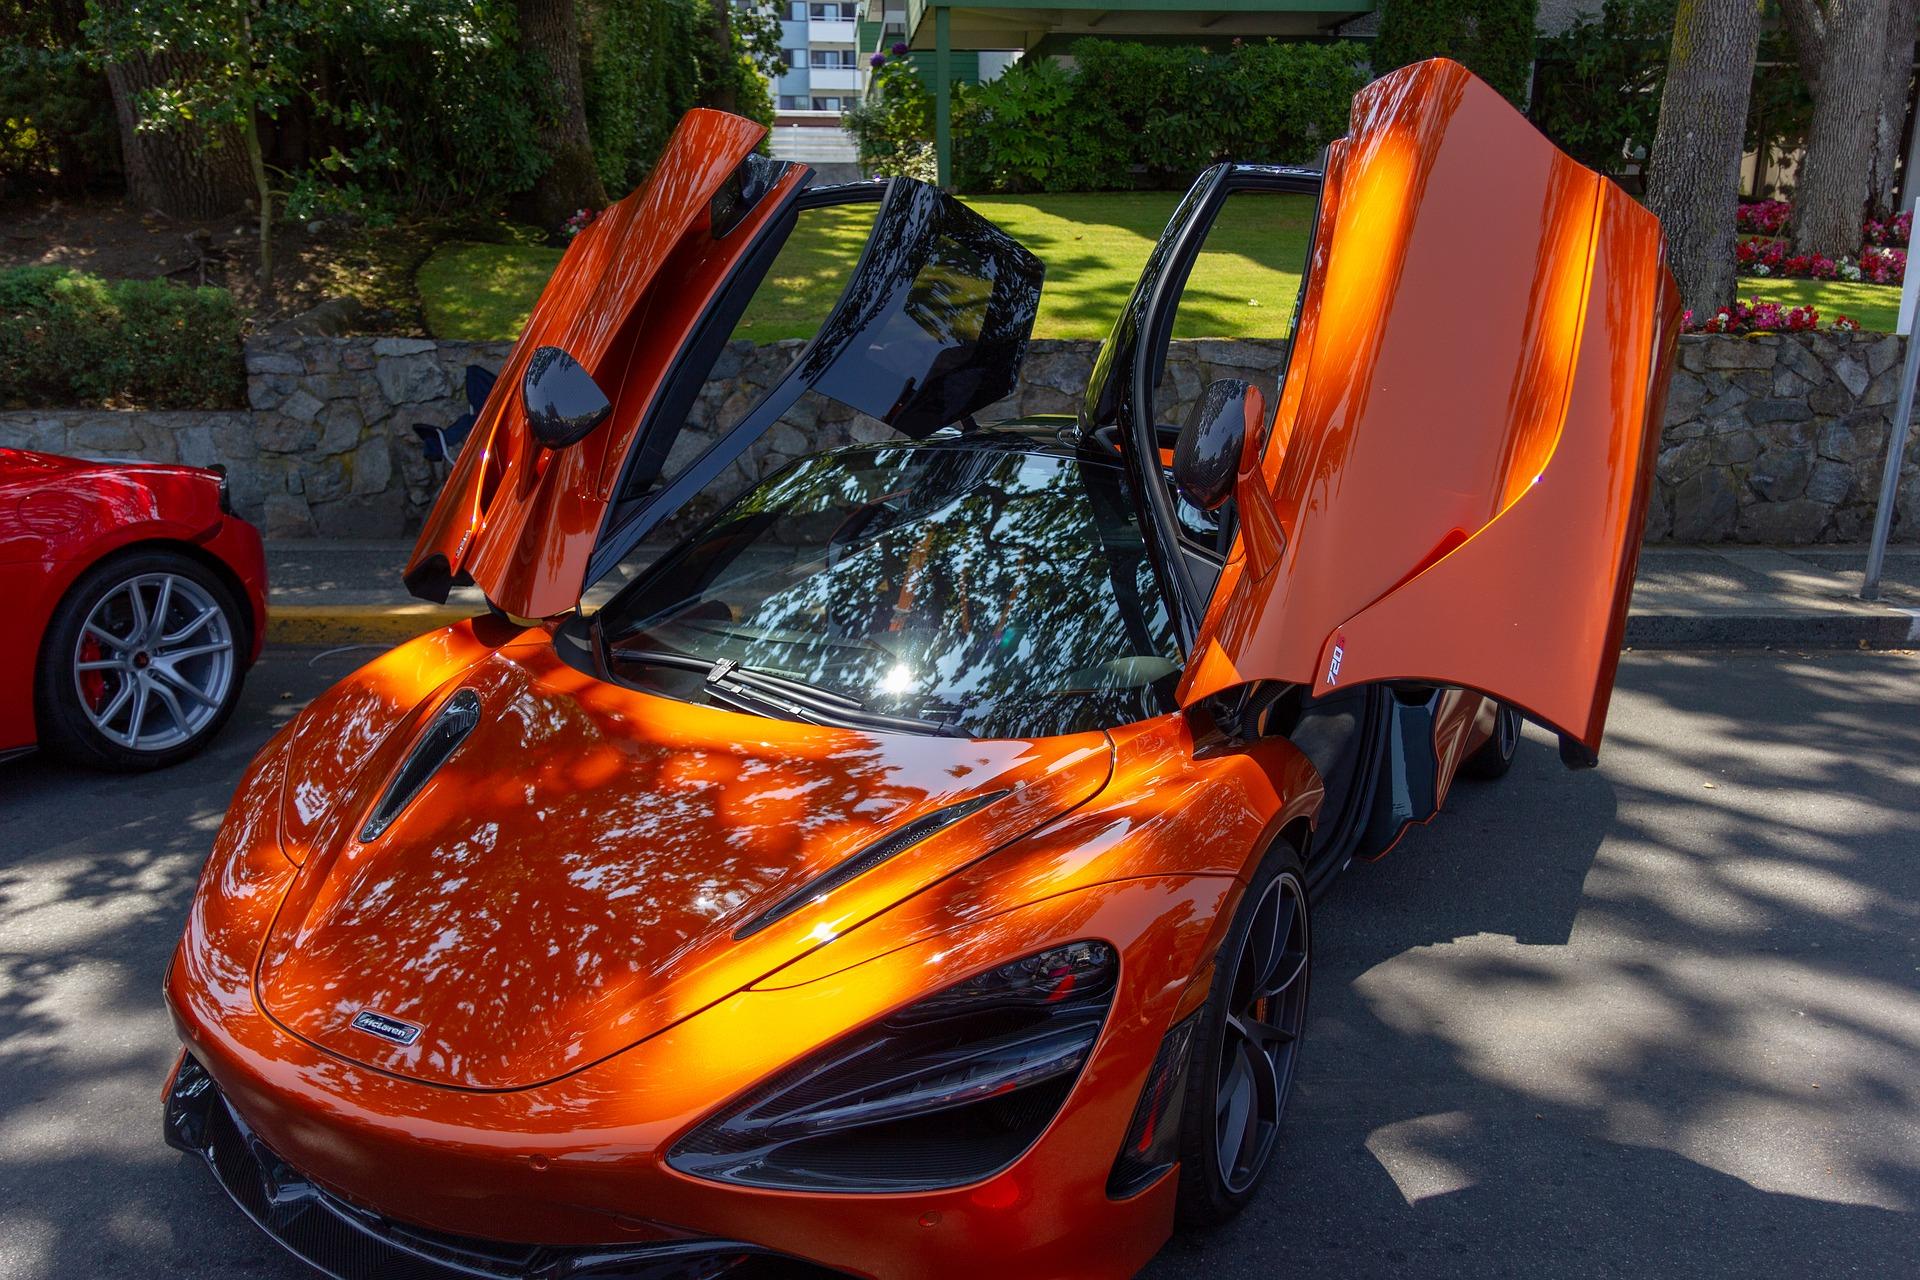 Mengenal Macam Macam Jenis Pintu Mobil Sport Dan Mewah Yang Harus Diketahui Oleh Penggemar Mobil Omiska